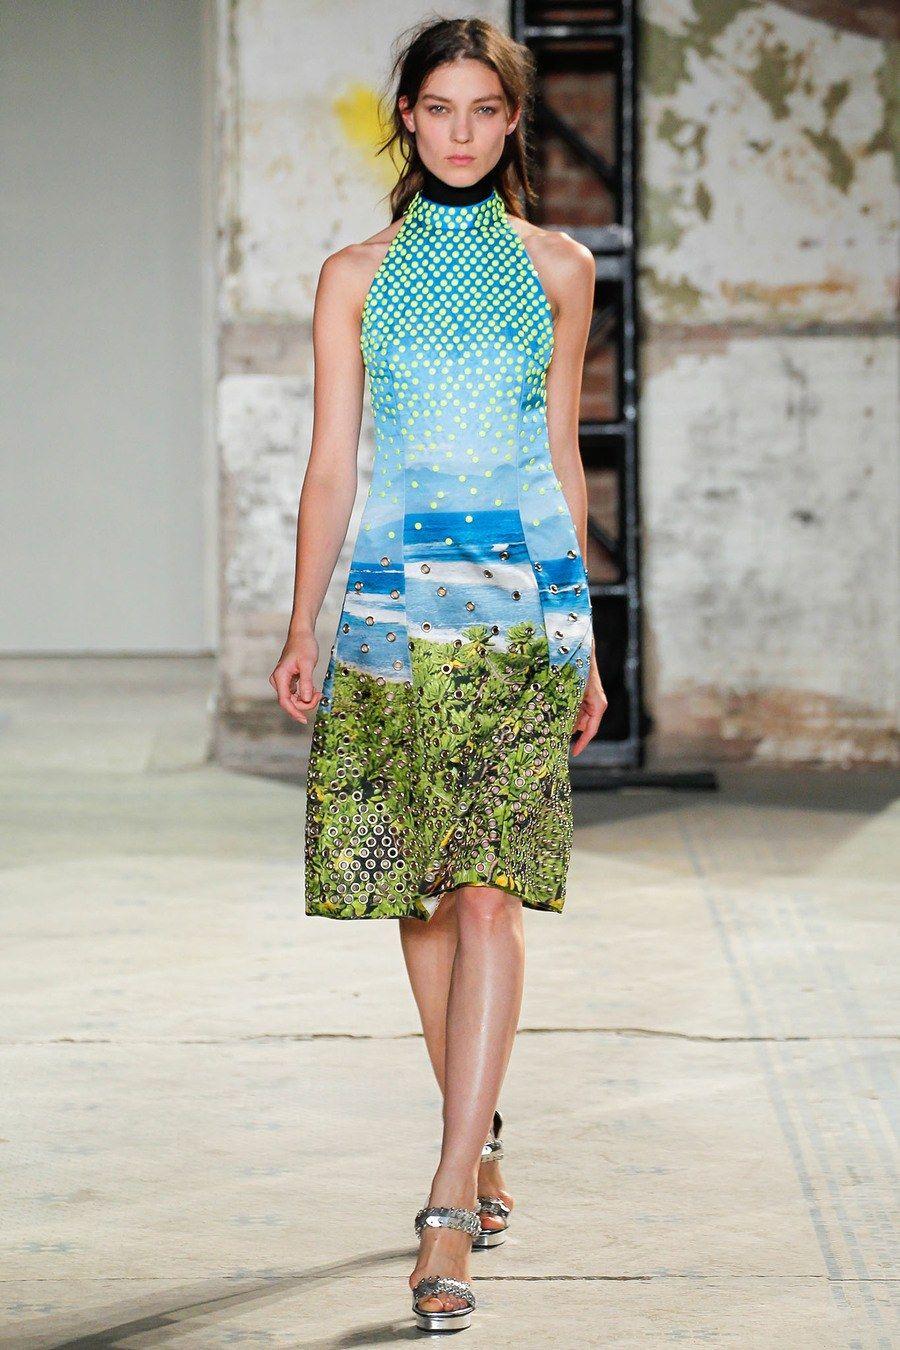 Proenza Schouler Spring 2013 Ready-to-Wear Fashion Show - Kati Nescher